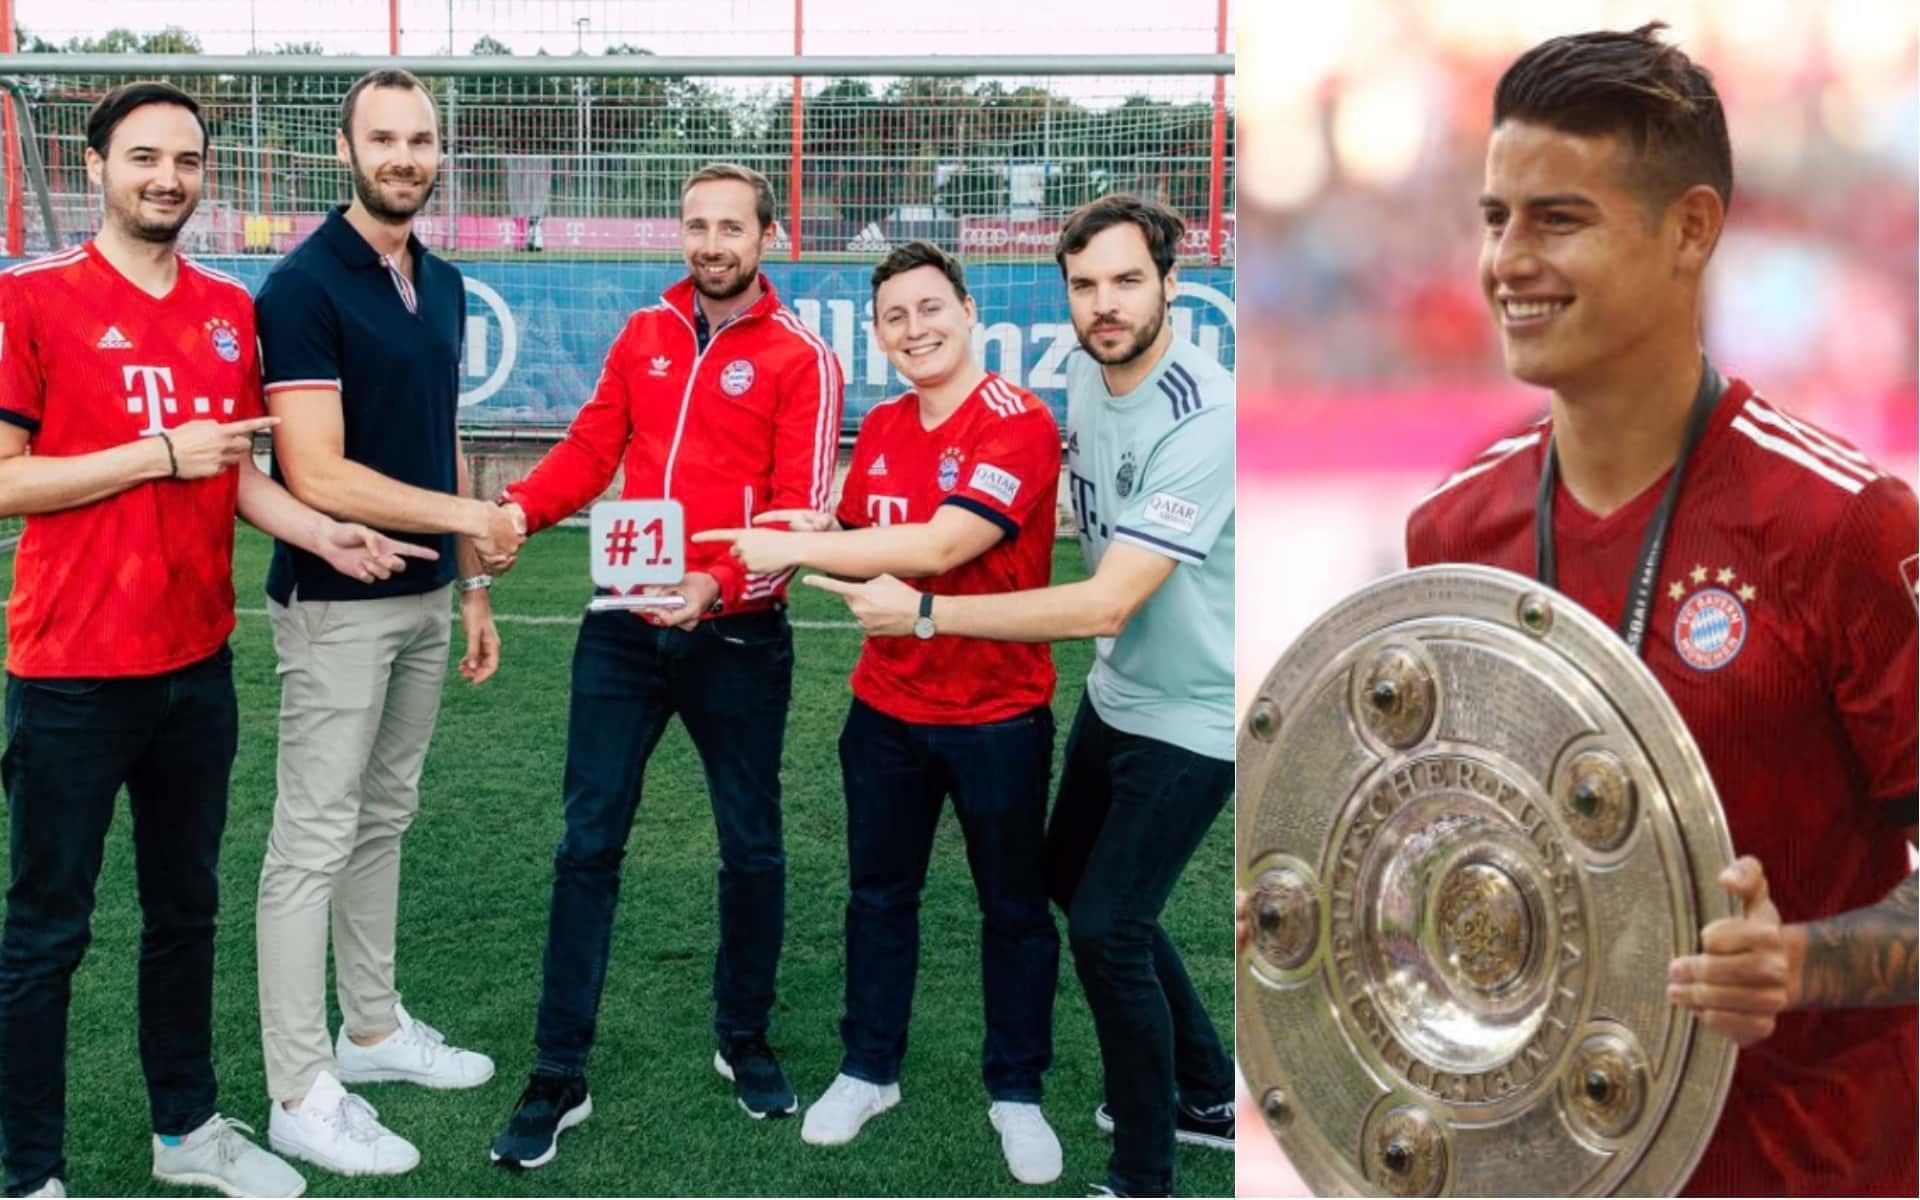 Con ayuda de James Rodríguez, Bayern München fue el mejor club de Alemania en redes sociales en 2017/18